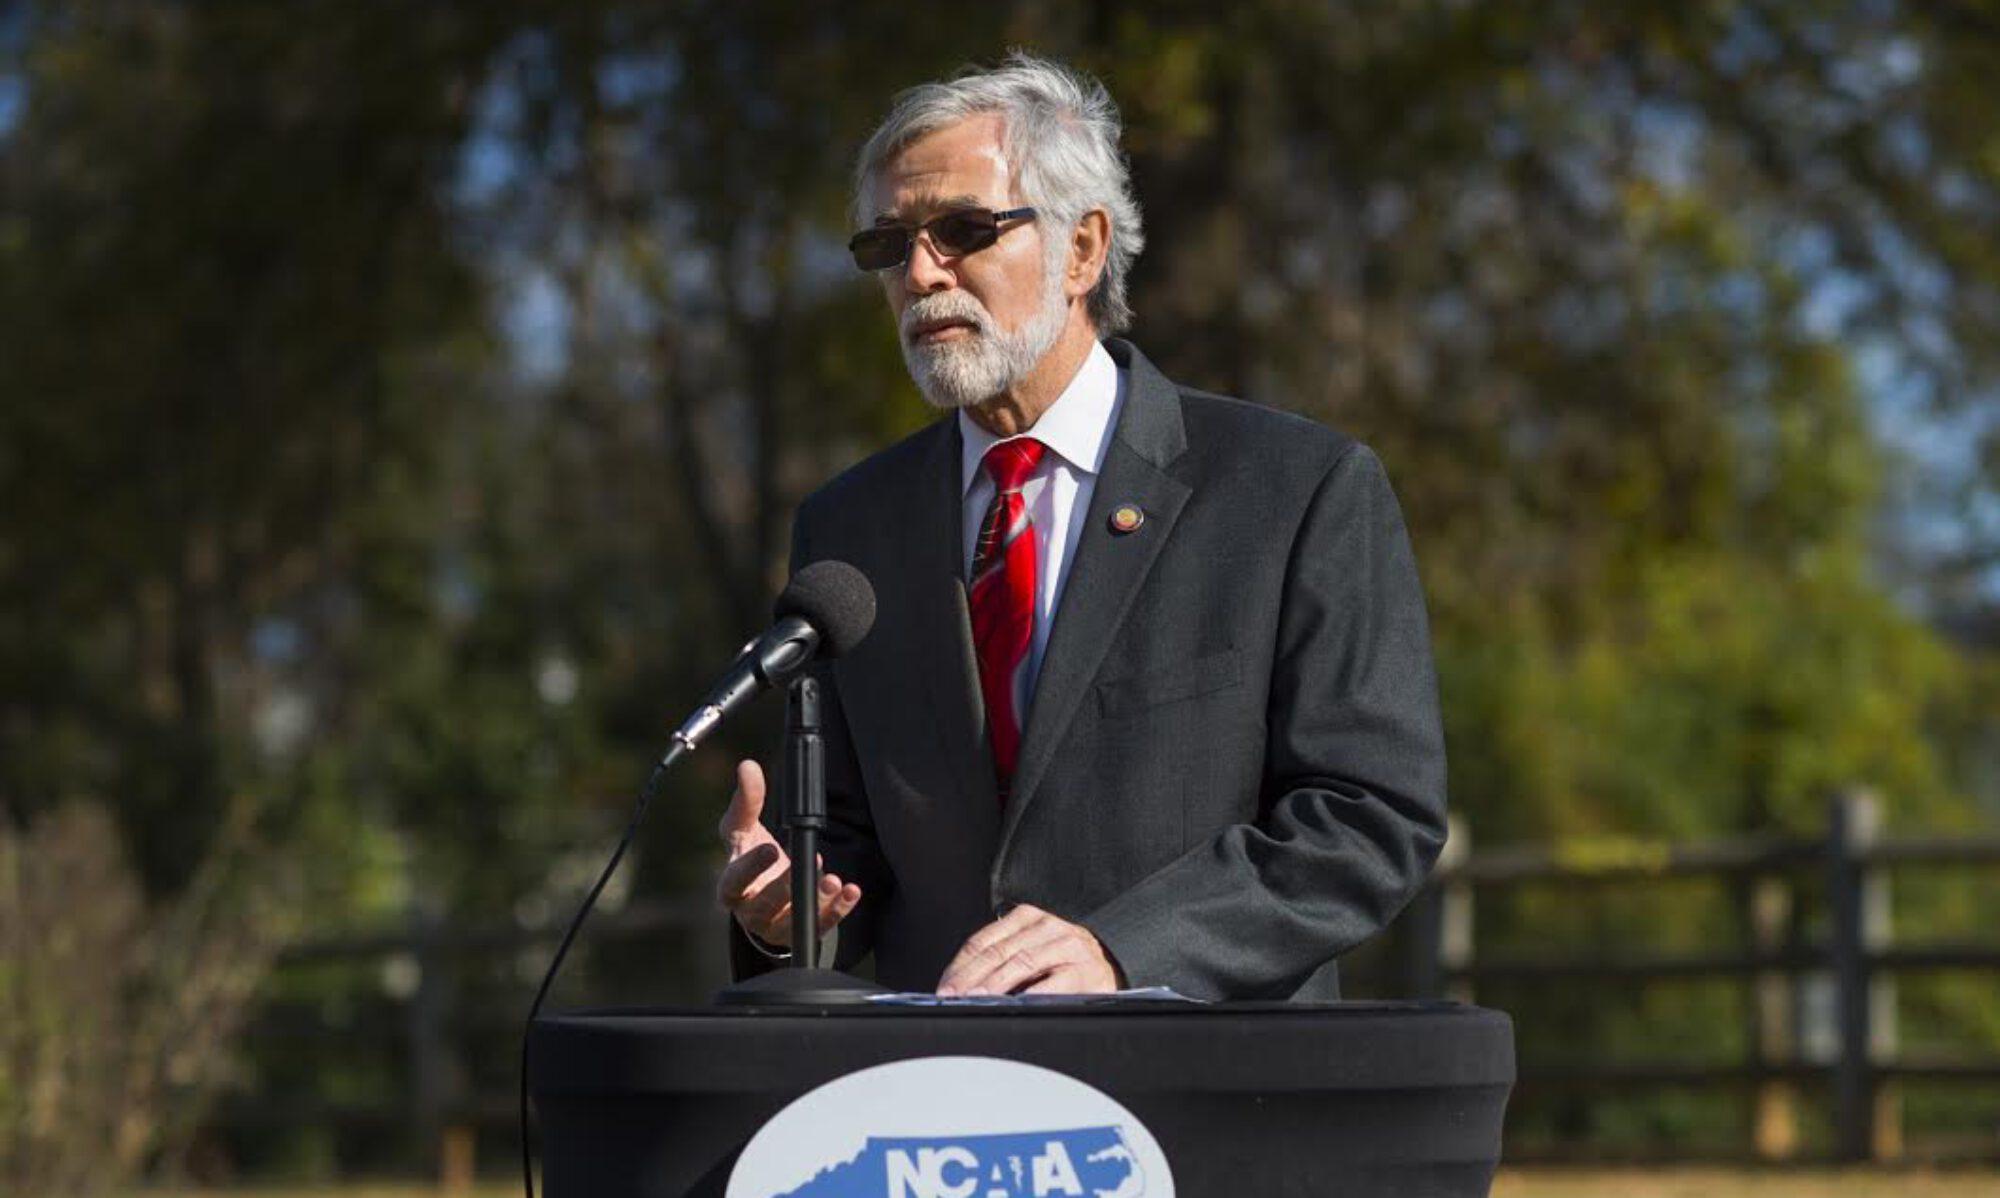 Harry Warren | North Carolina House Representative